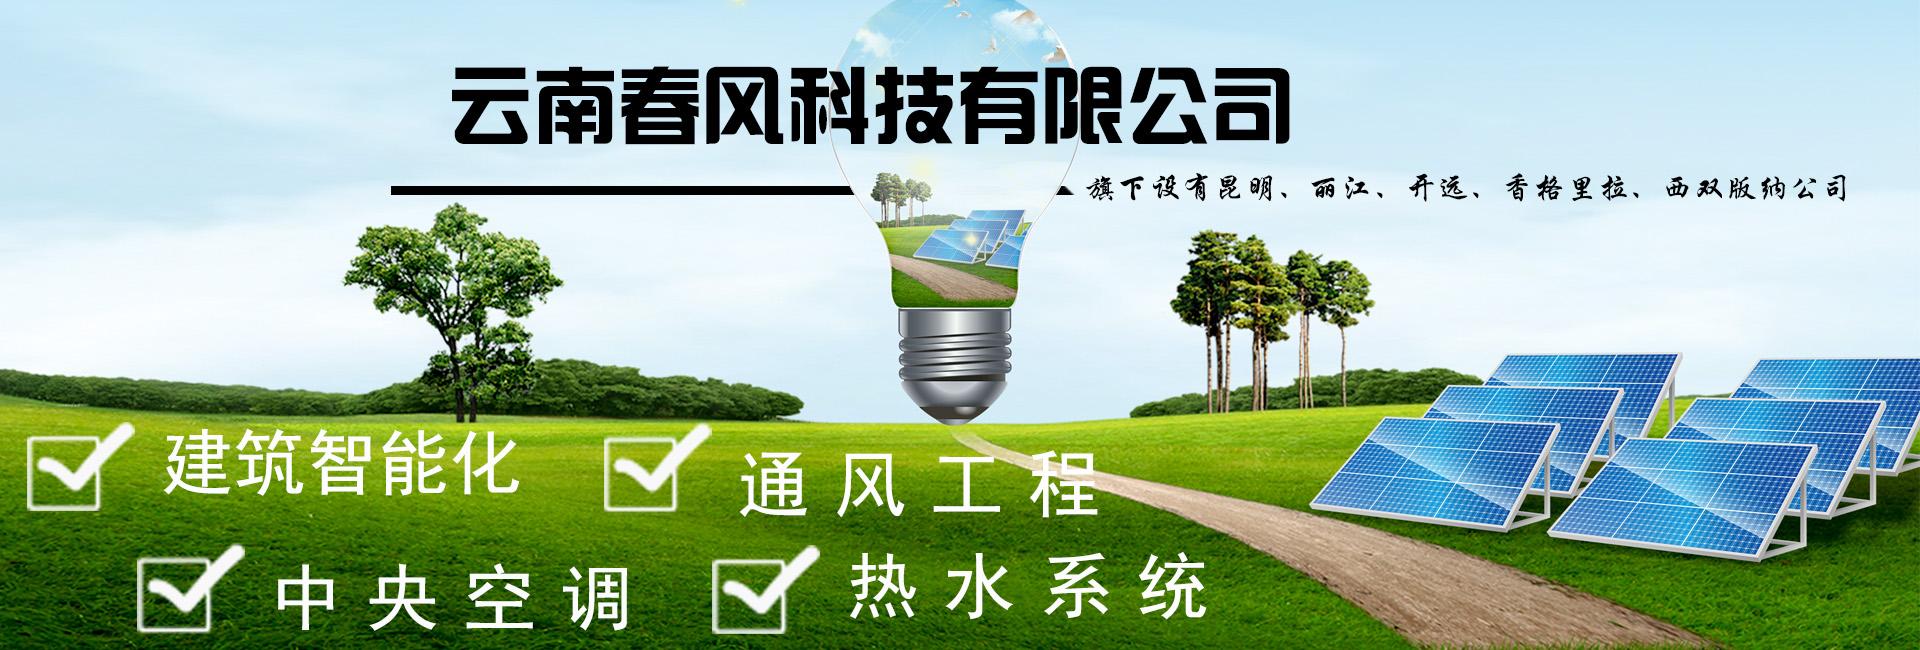 昆明上海11选五注册